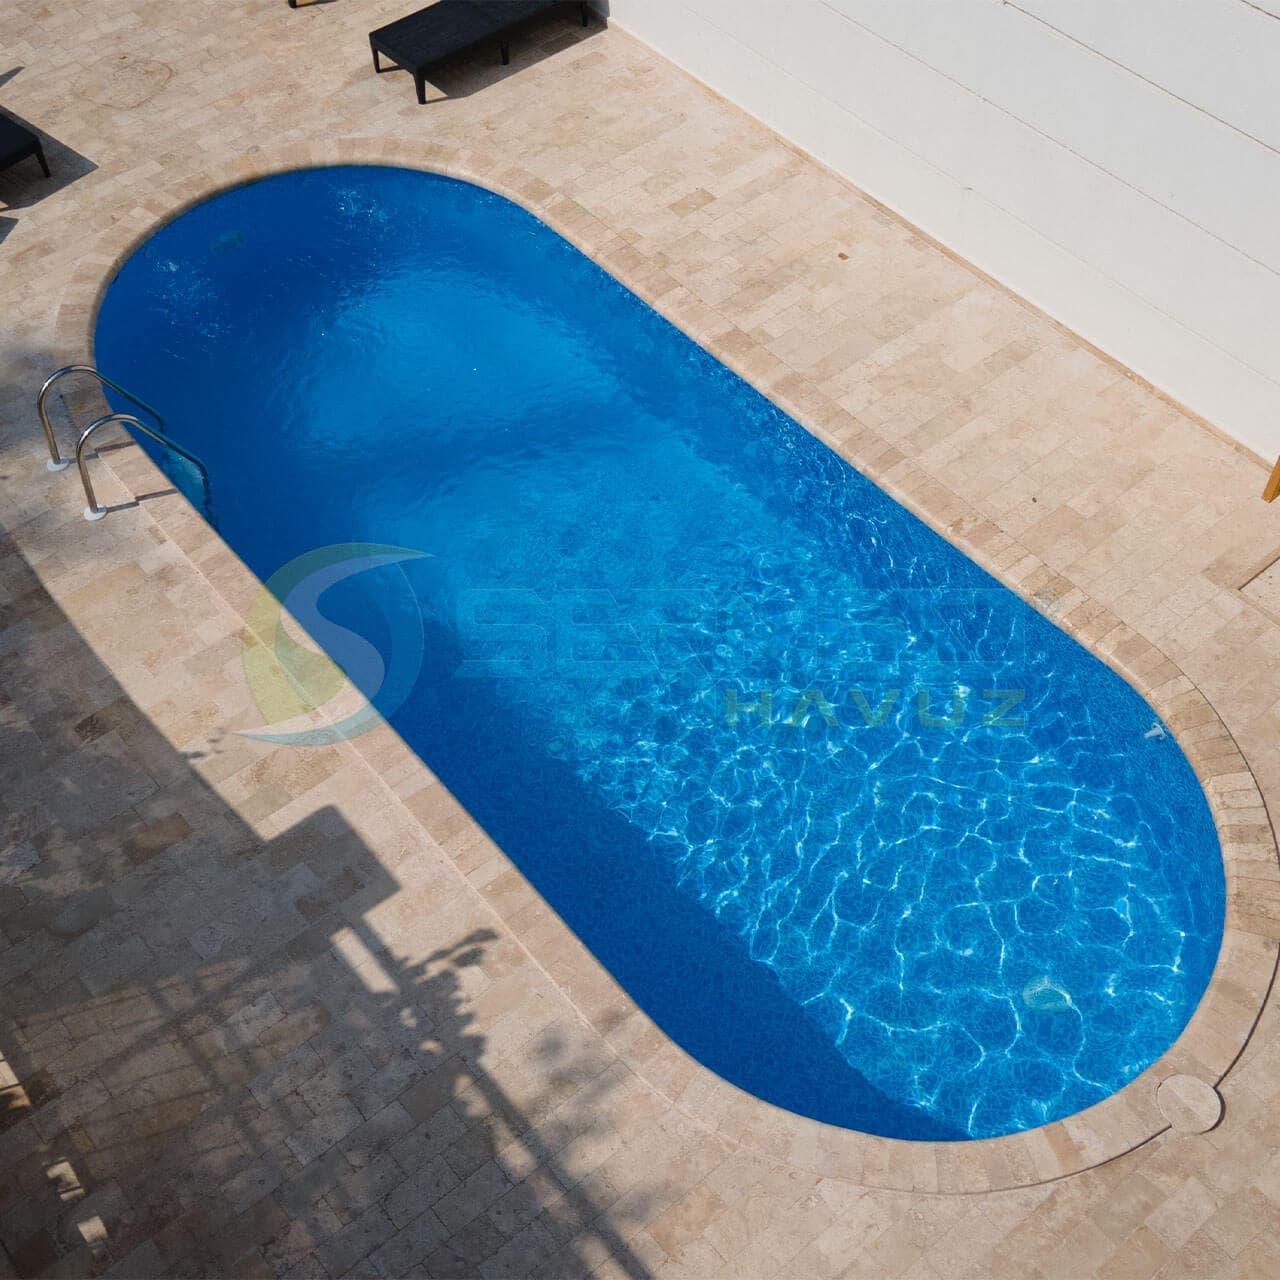 Yalova Suat Bey Maldiv Skimmerli Prefabrik Havuz Sermed Havuz Firması tarafından yapıldı.